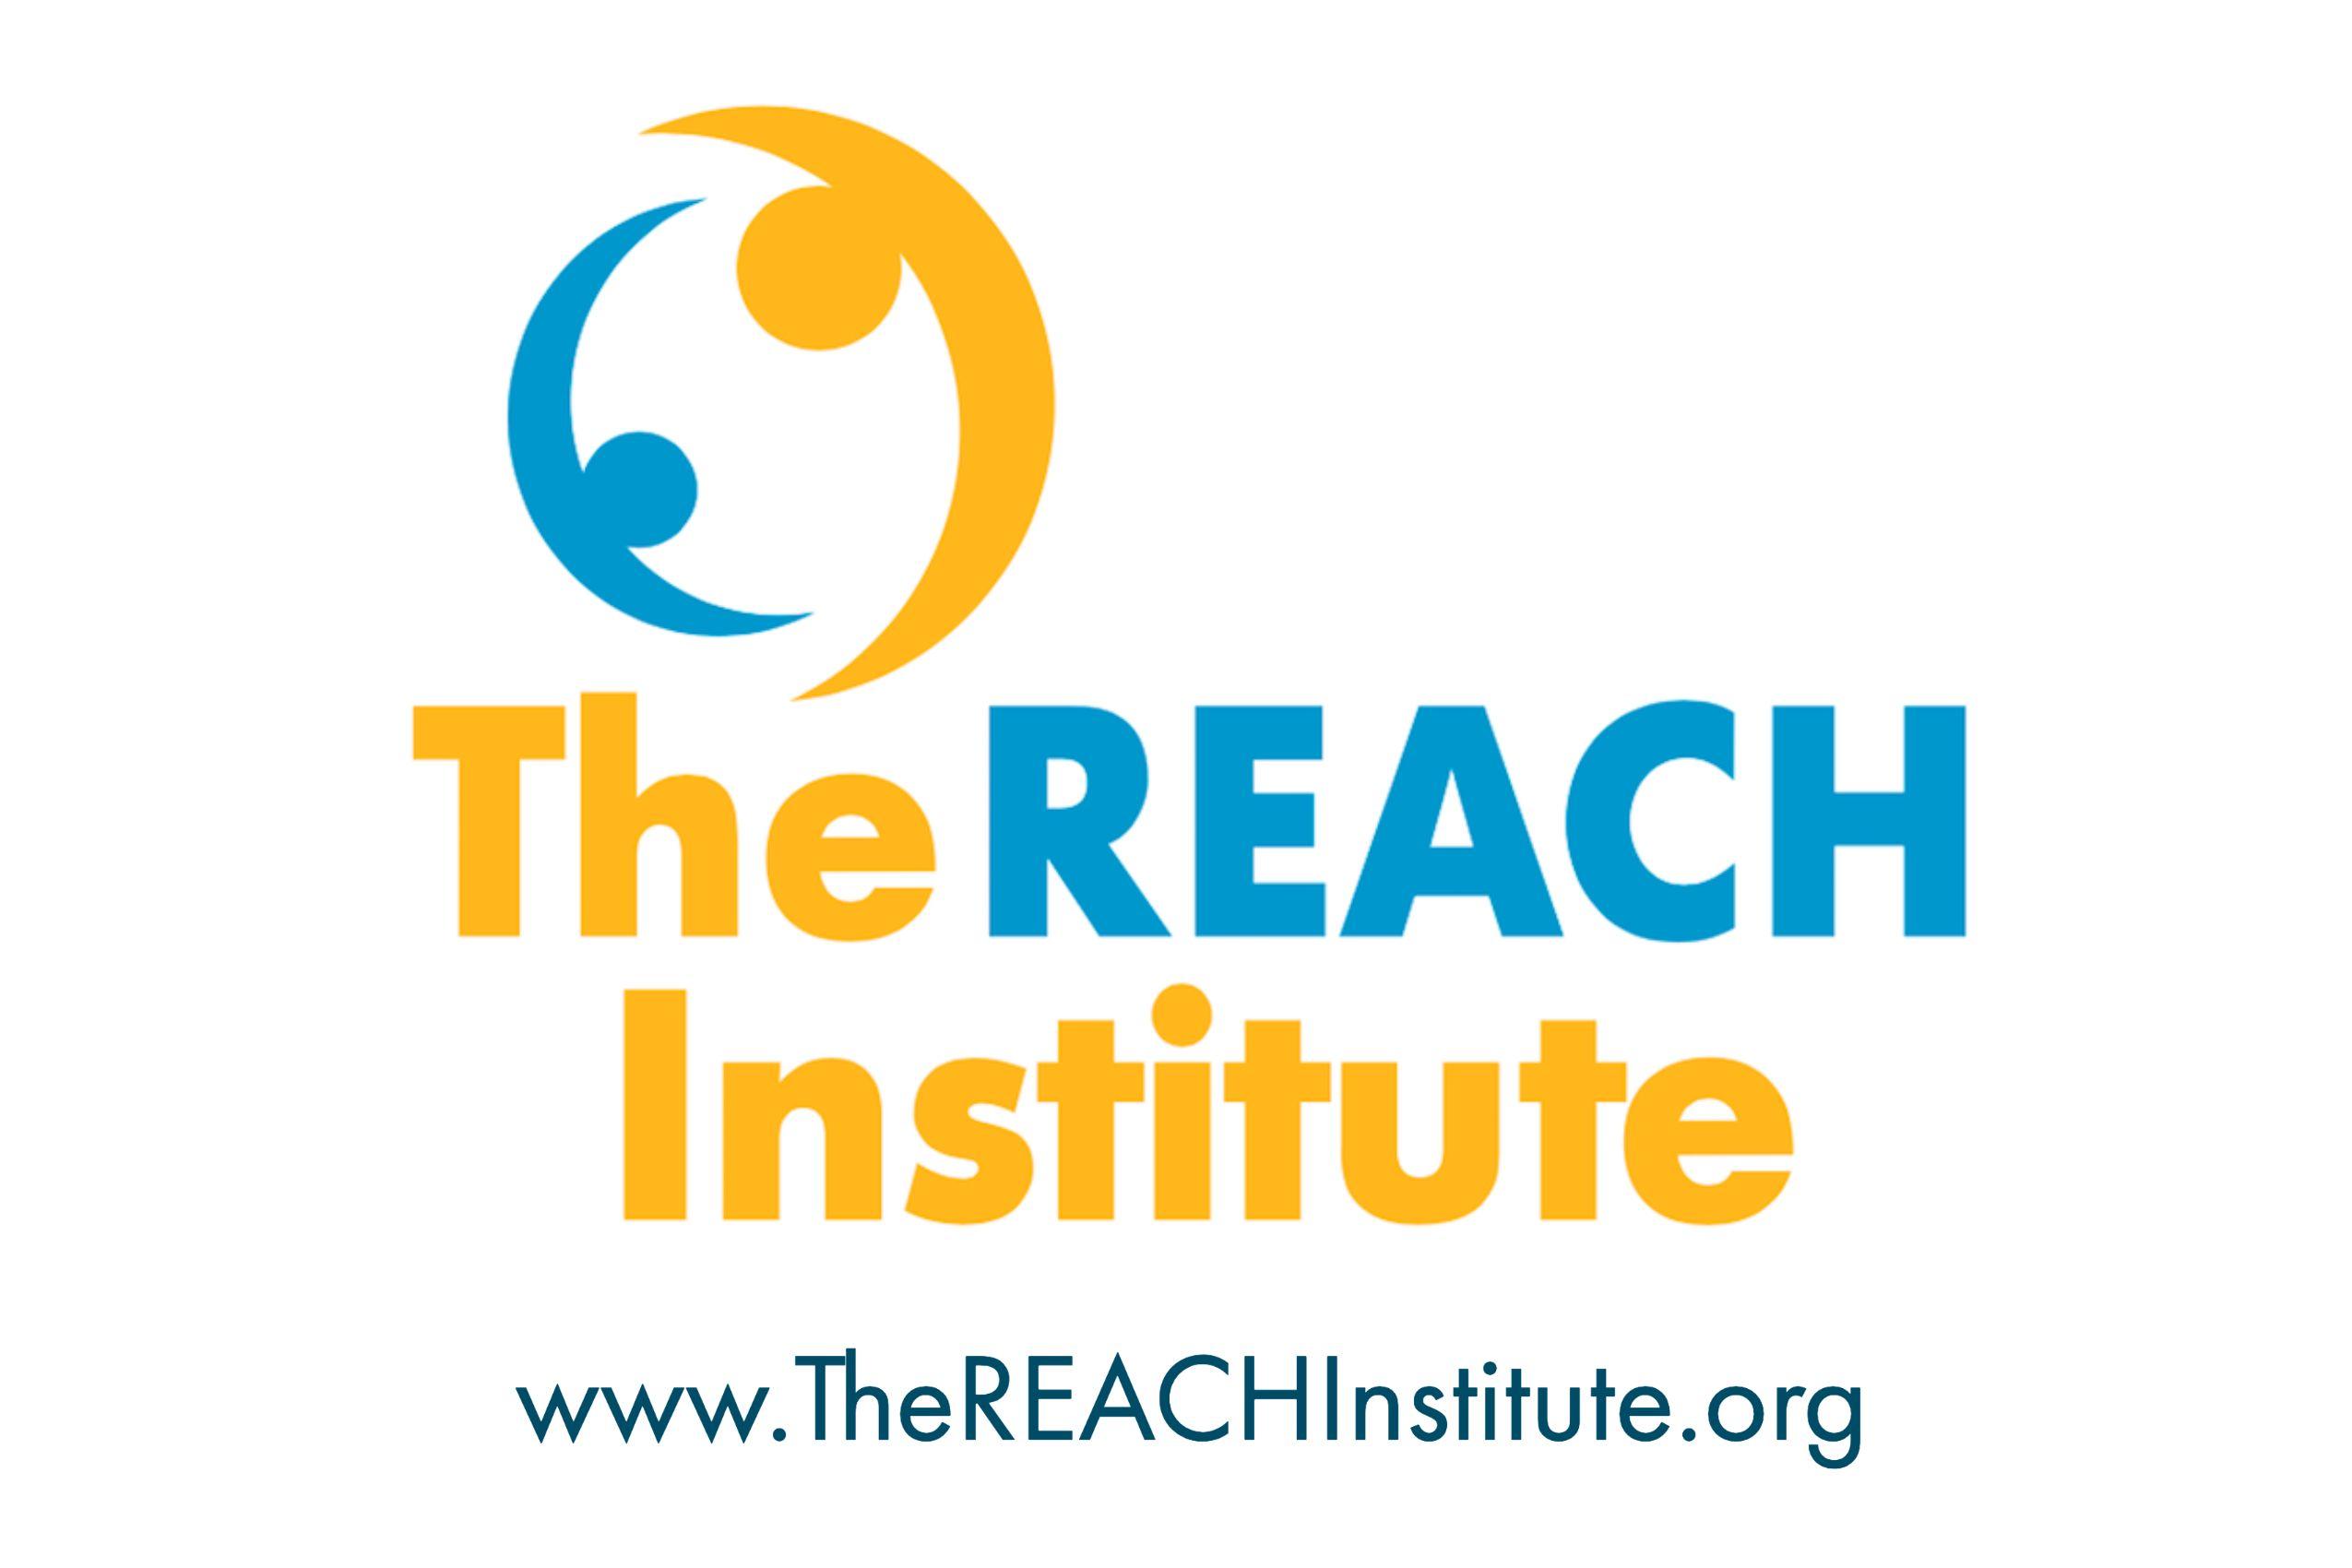 The REACH Institute logo